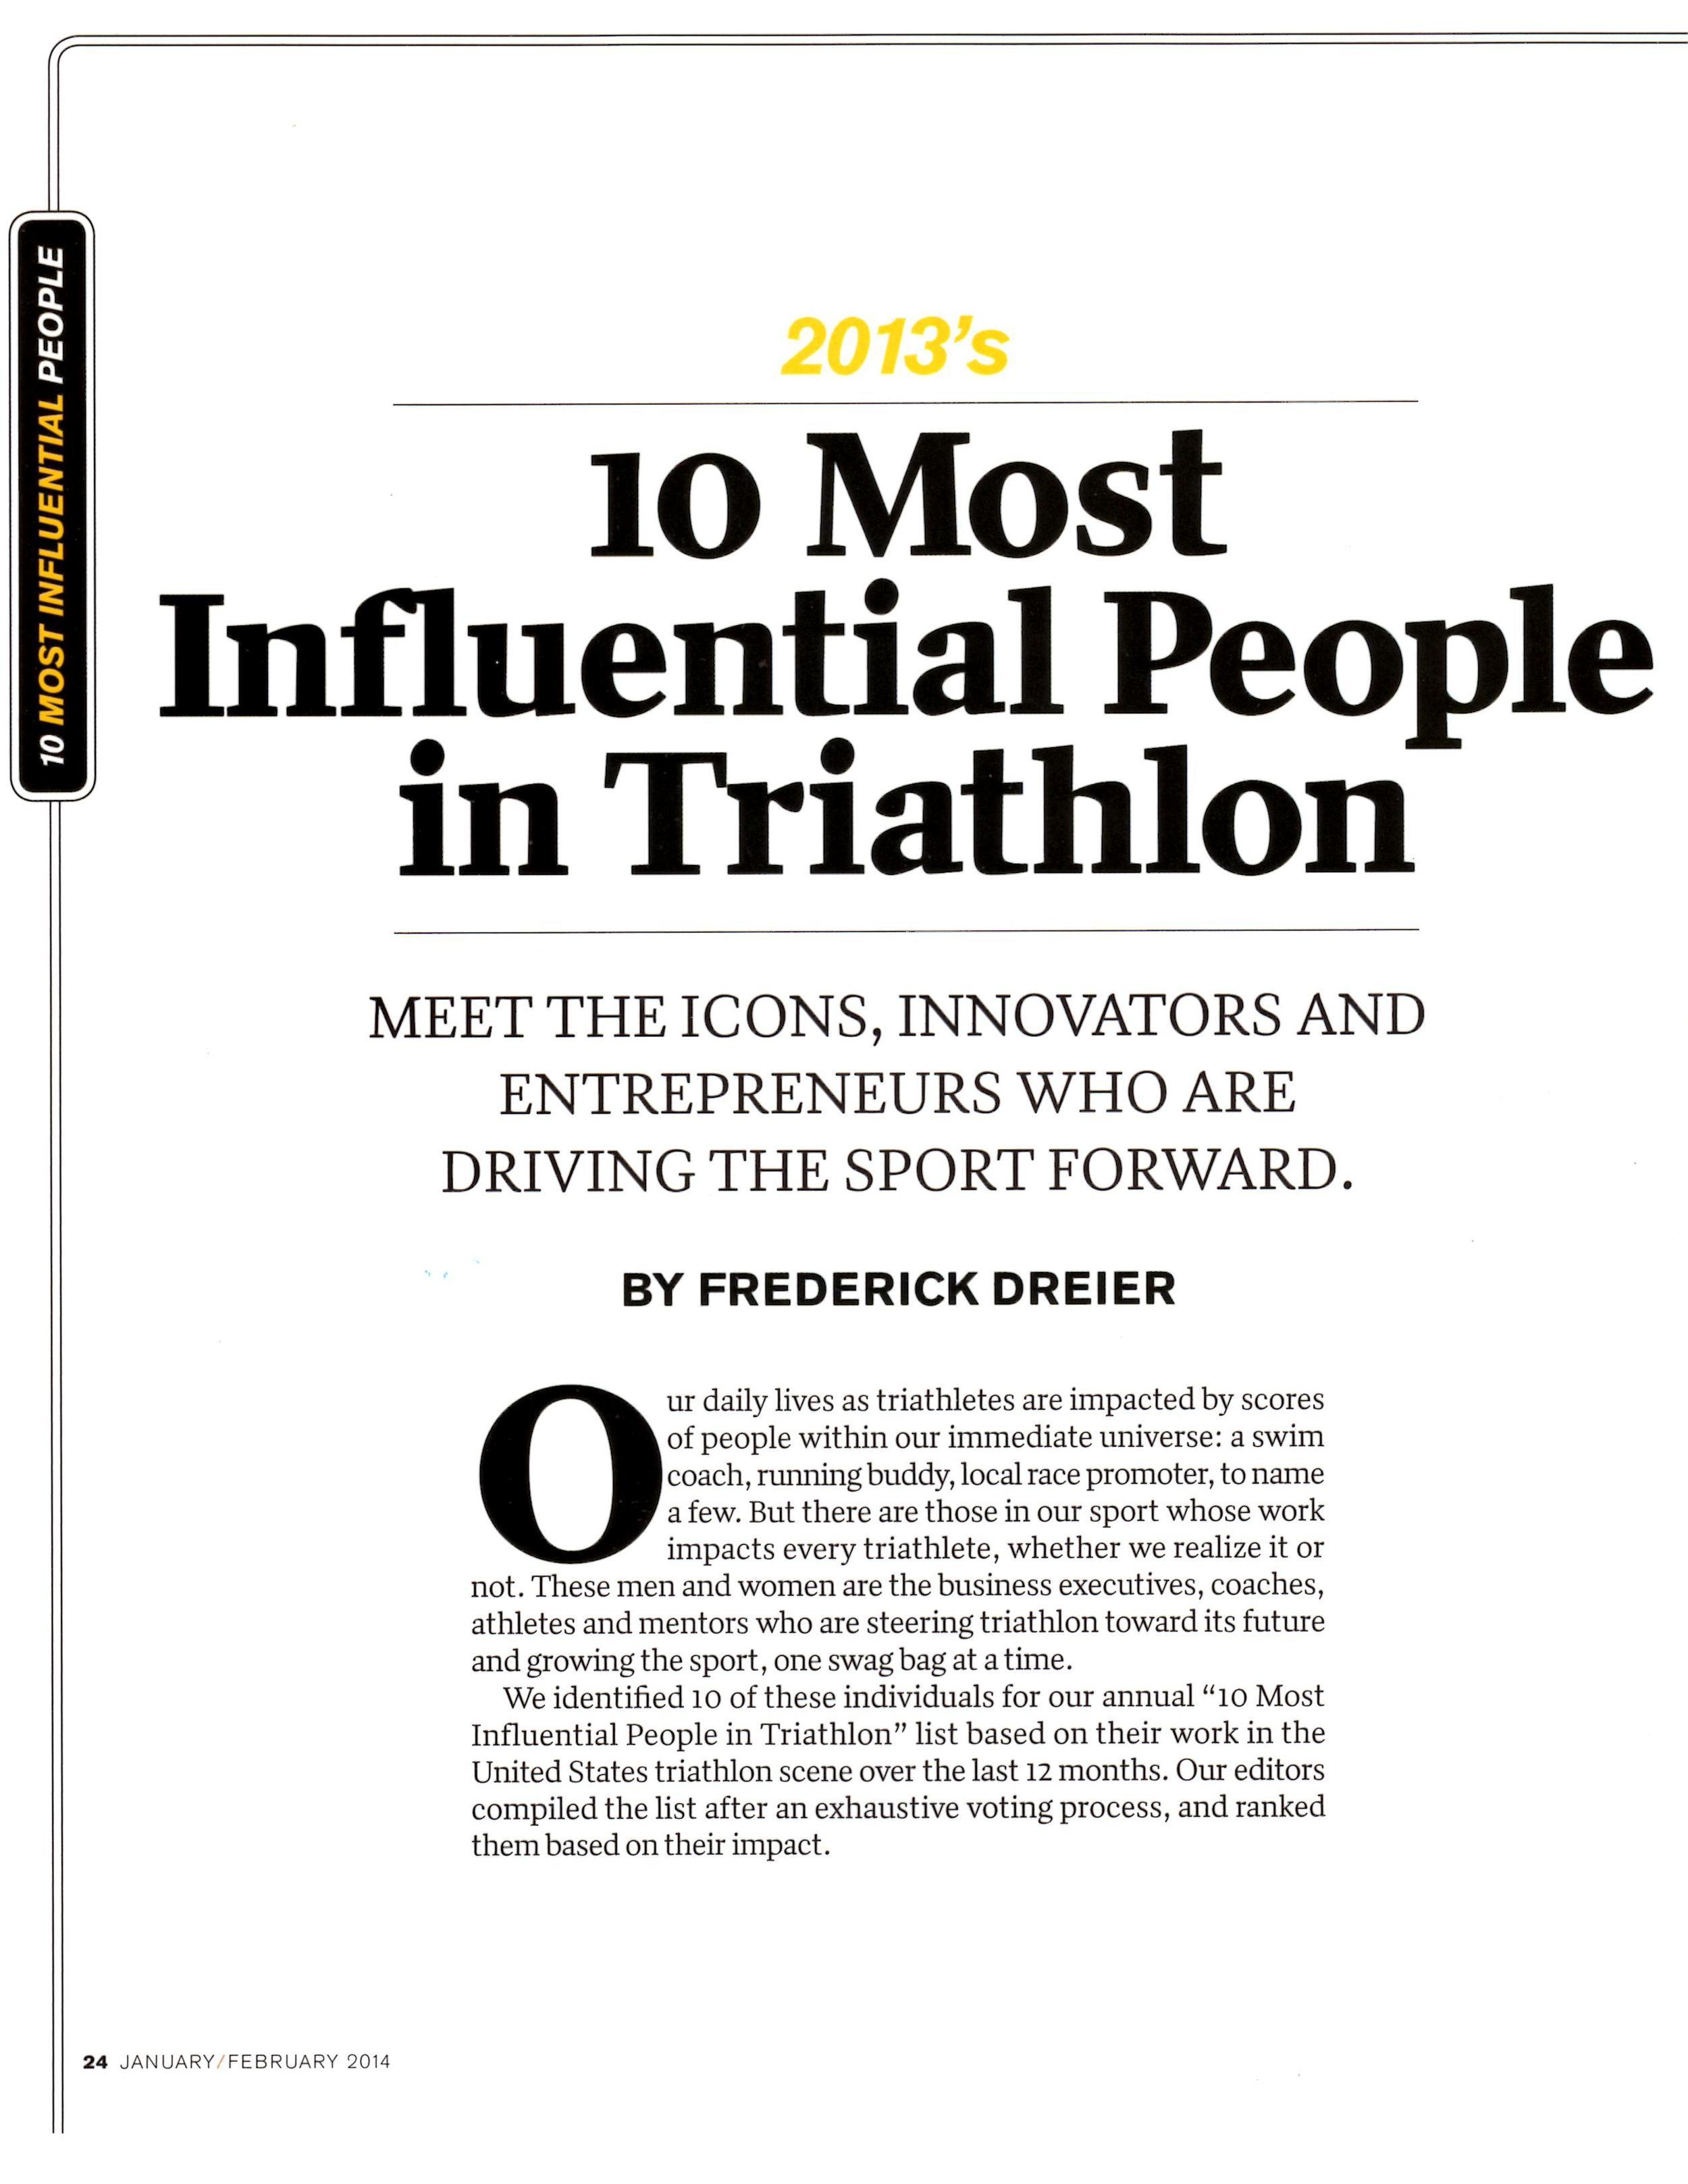 G.Jorgensen Inside Tri Dec 2013 10 Most Influential Page 1.jpg